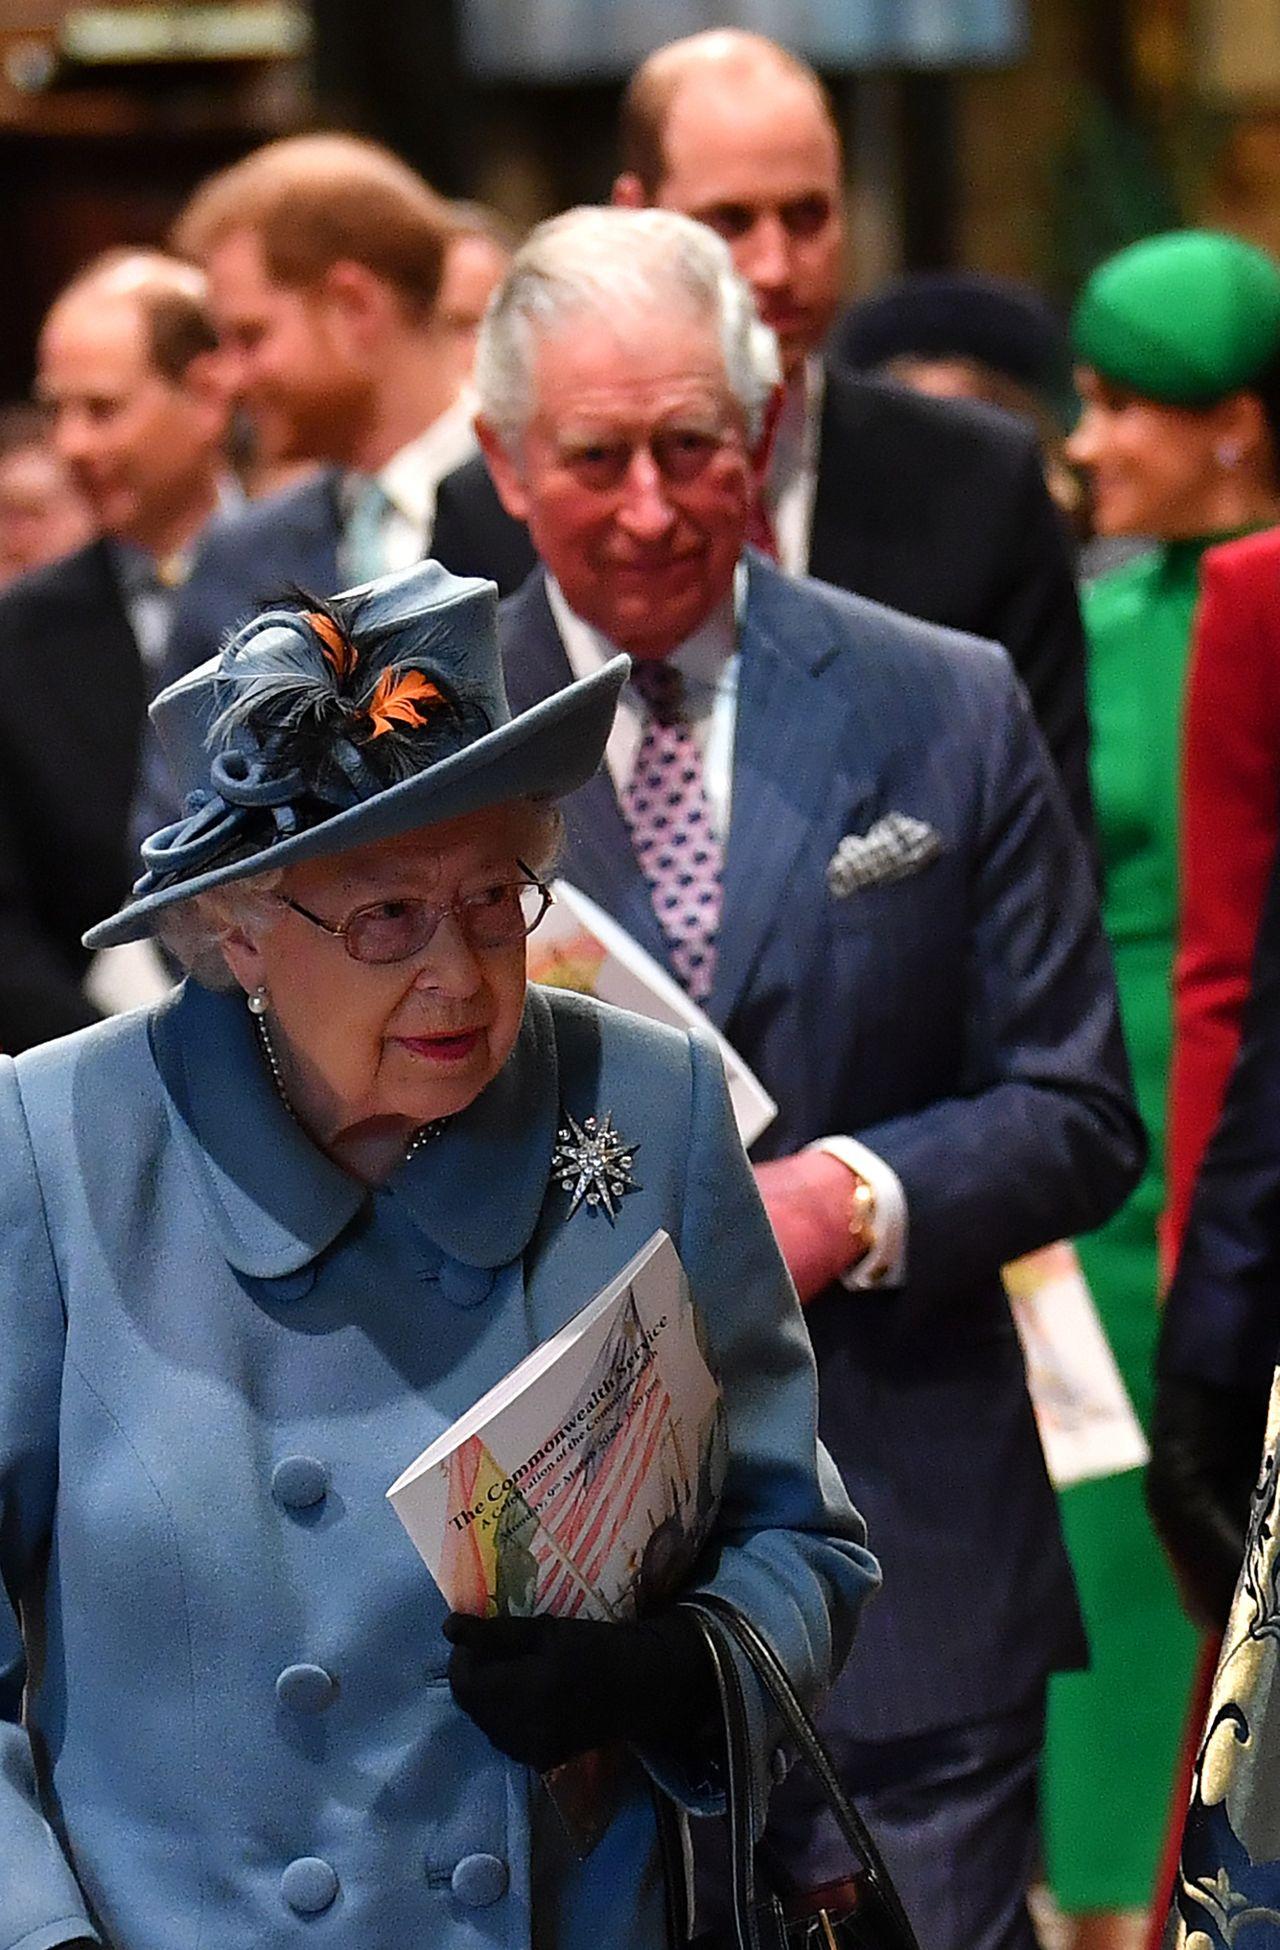 Królowa Elżbieta i książę Karol na obchodach Dnia Wspólnoty